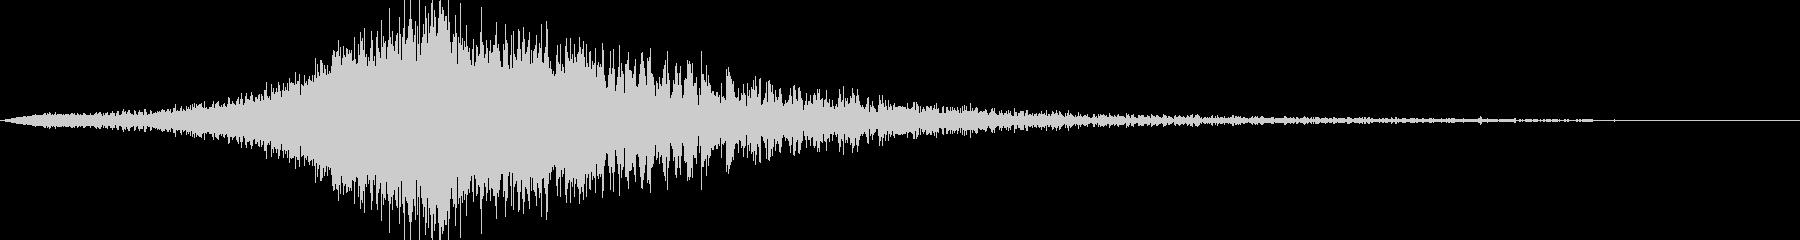 ヒューン:ハイブリット音:オープニングの未再生の波形